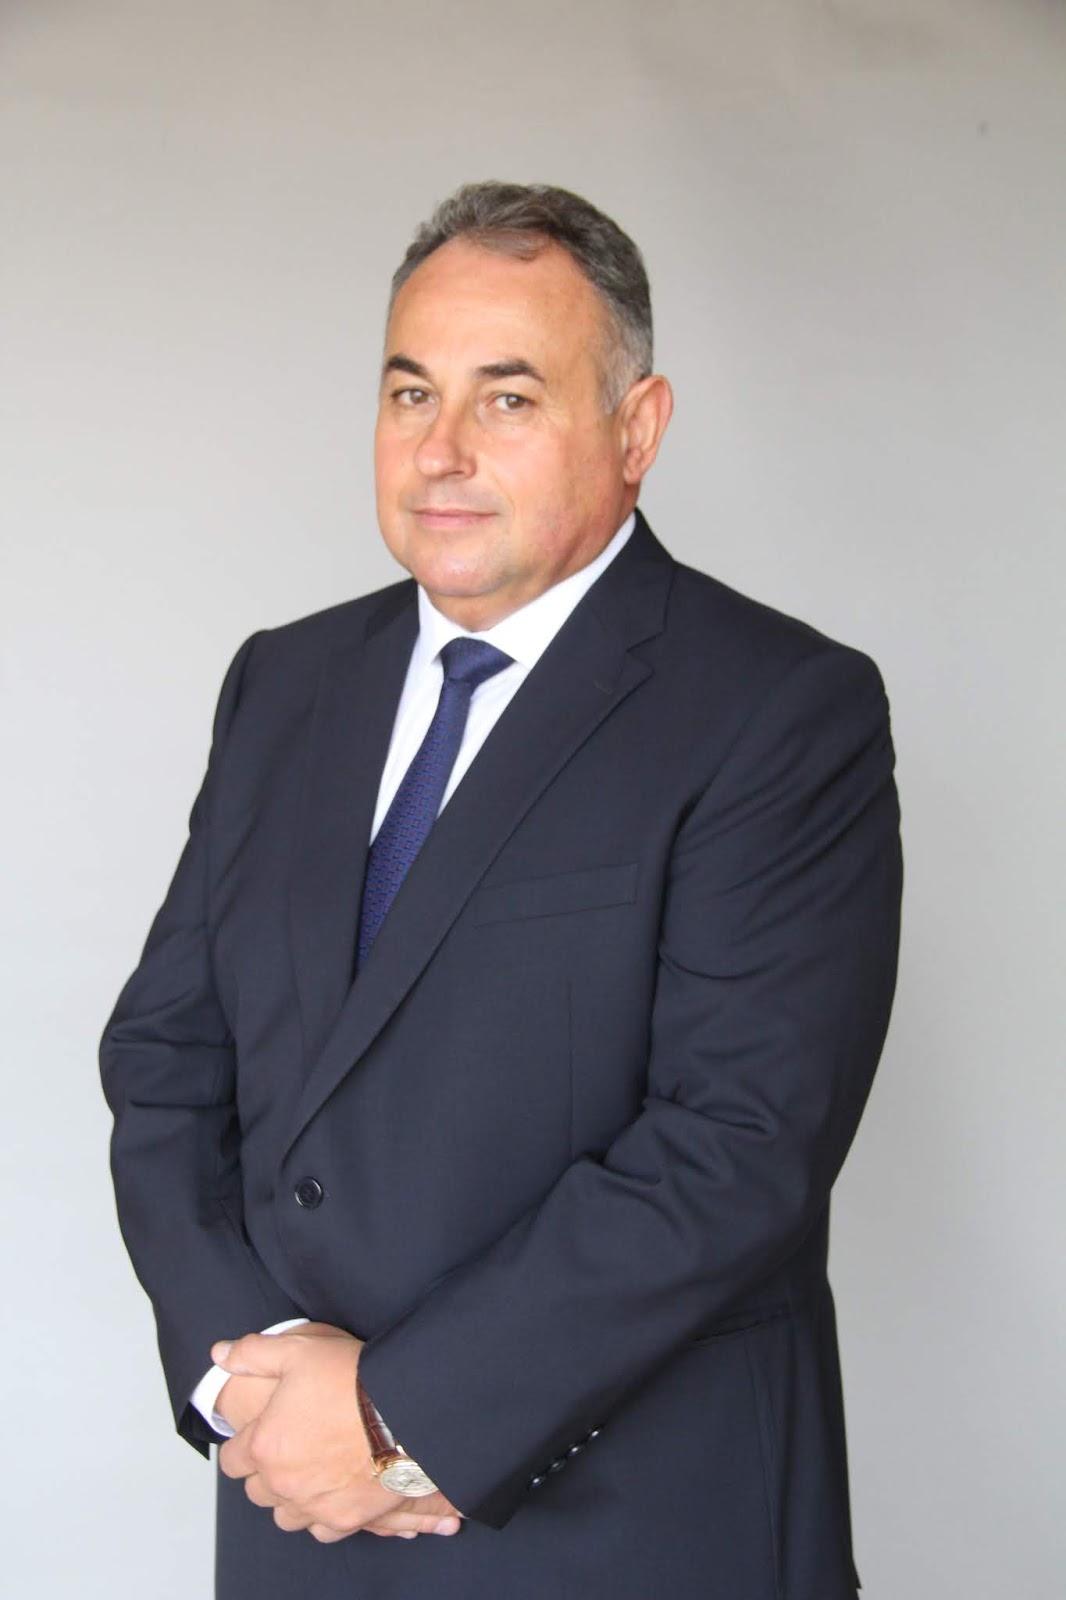 Поздравителен адрес от инж. Елин Радев – кмет на община Доспат по повод 3 декември – Международен ден на хората с увреждания